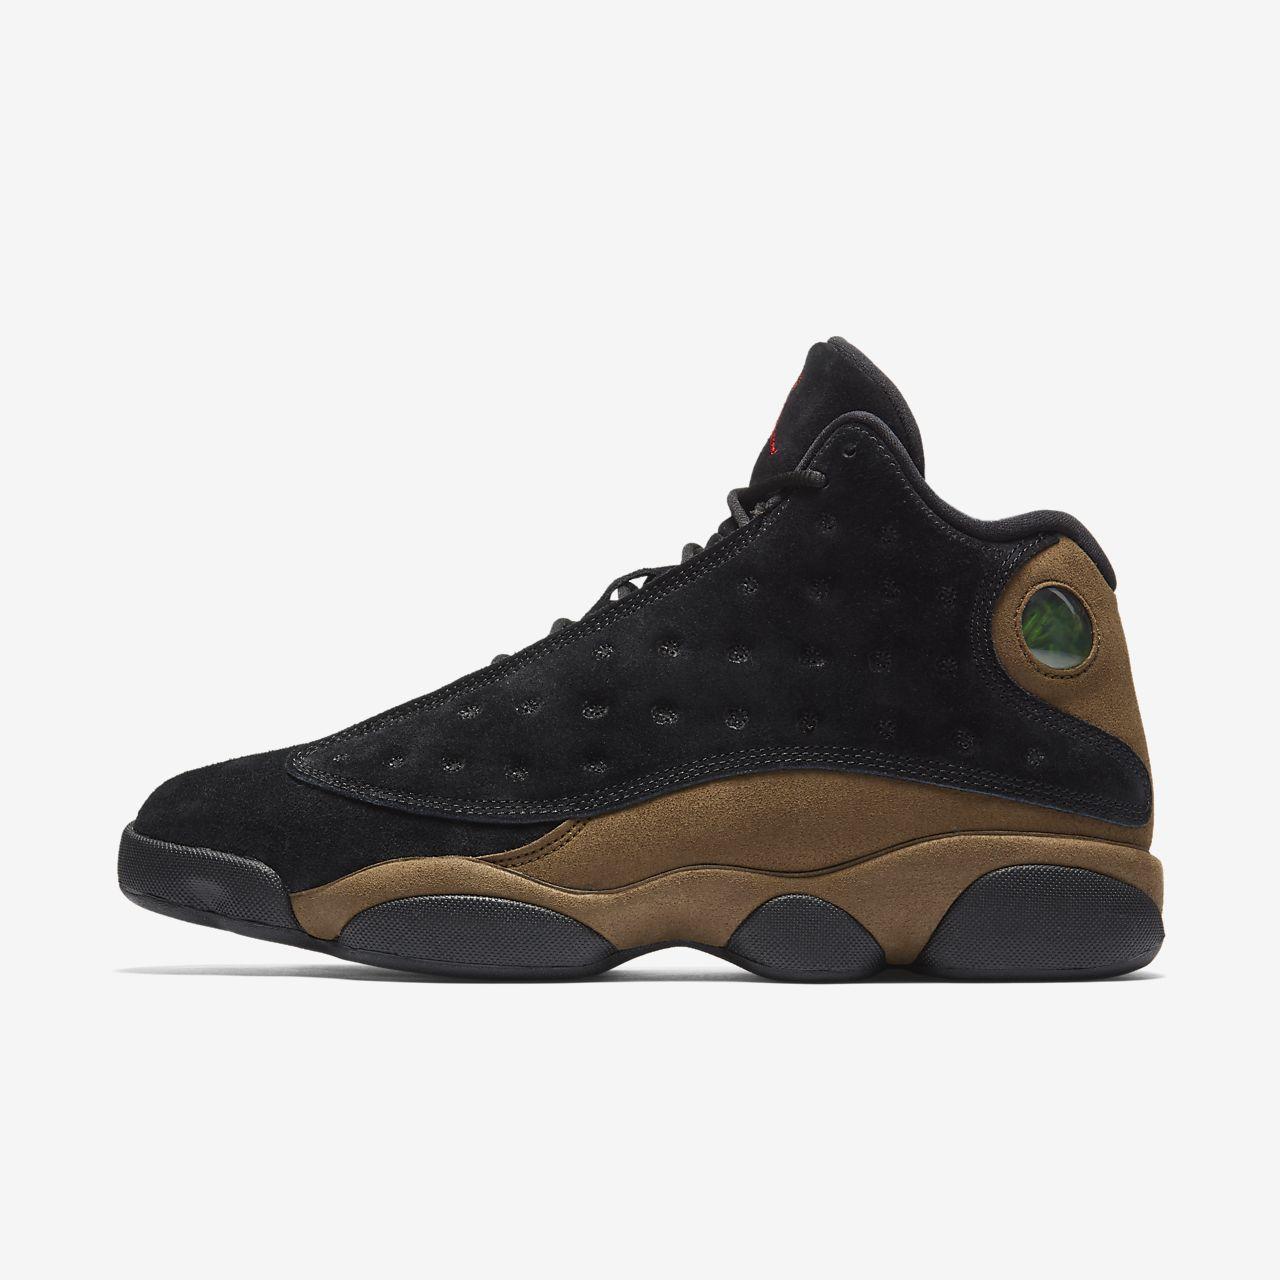 ... Chaussure Air Jordan 13 Retro pour Homme